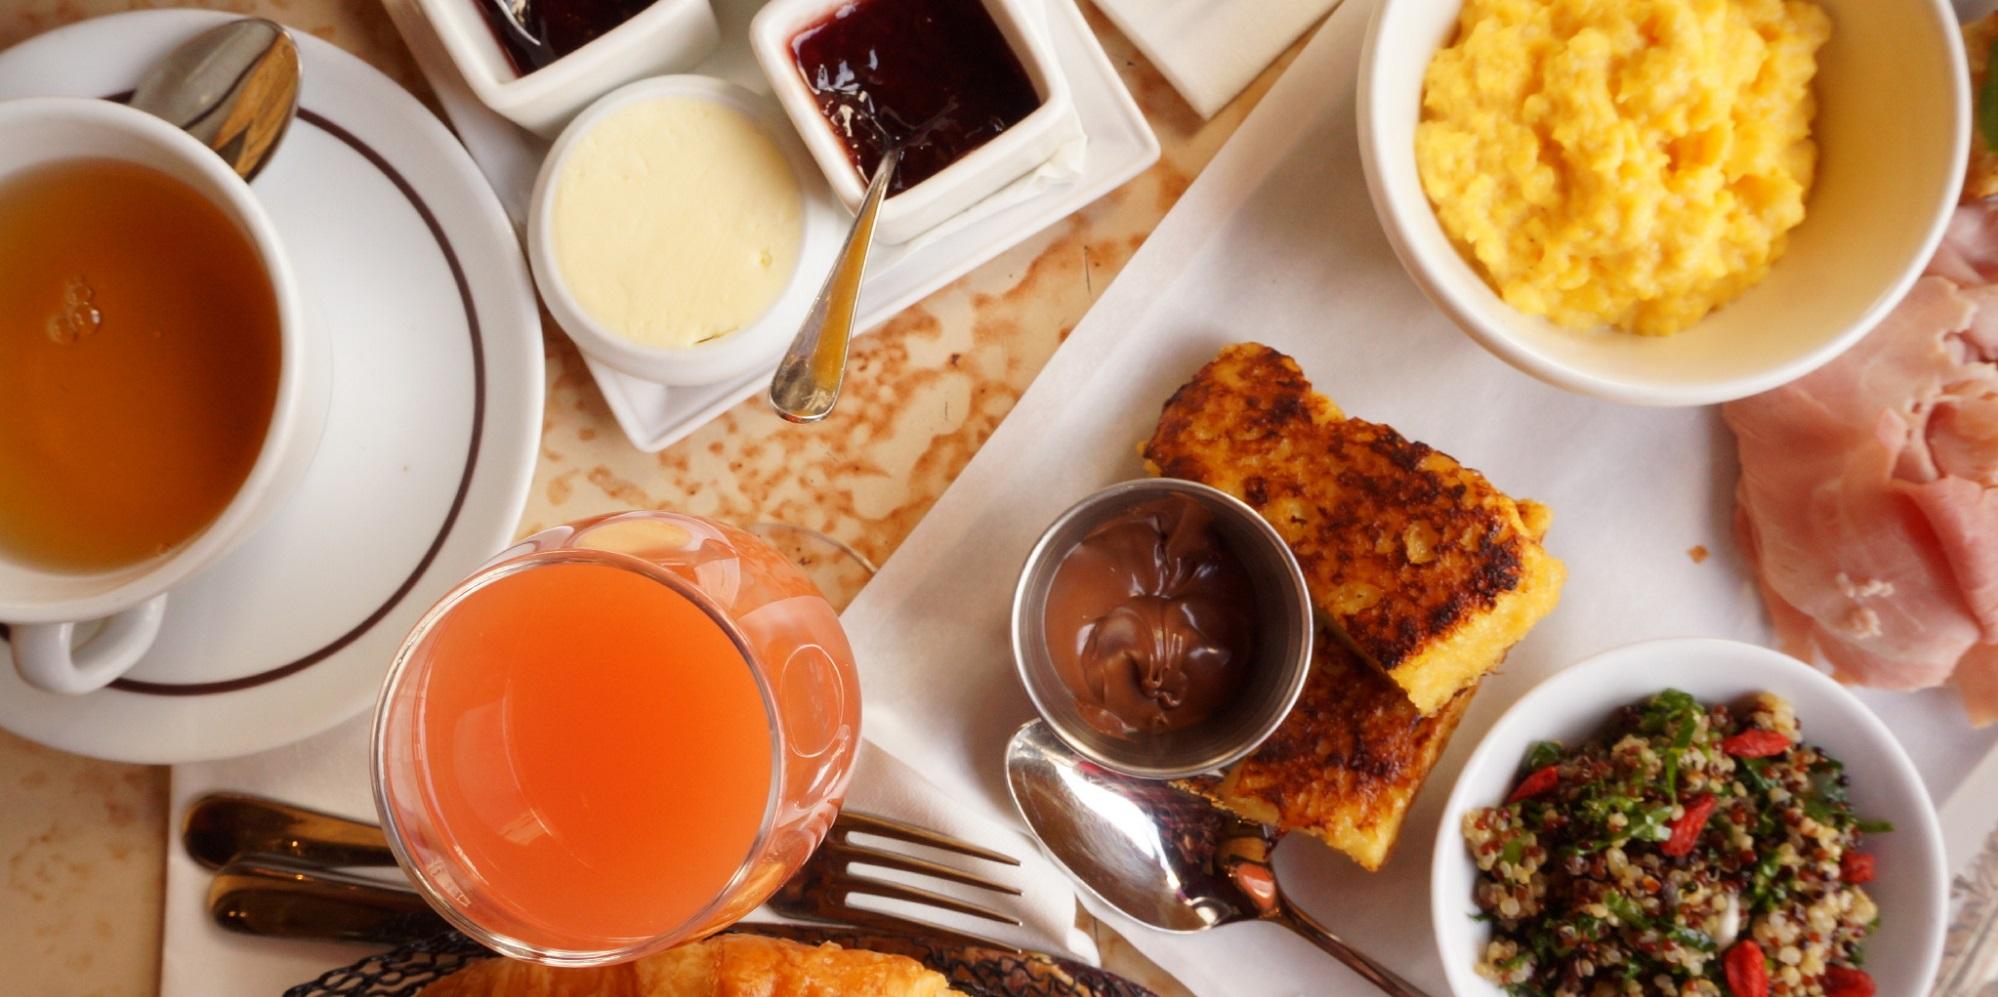 Restaurant Le Petit Poucet Brunch